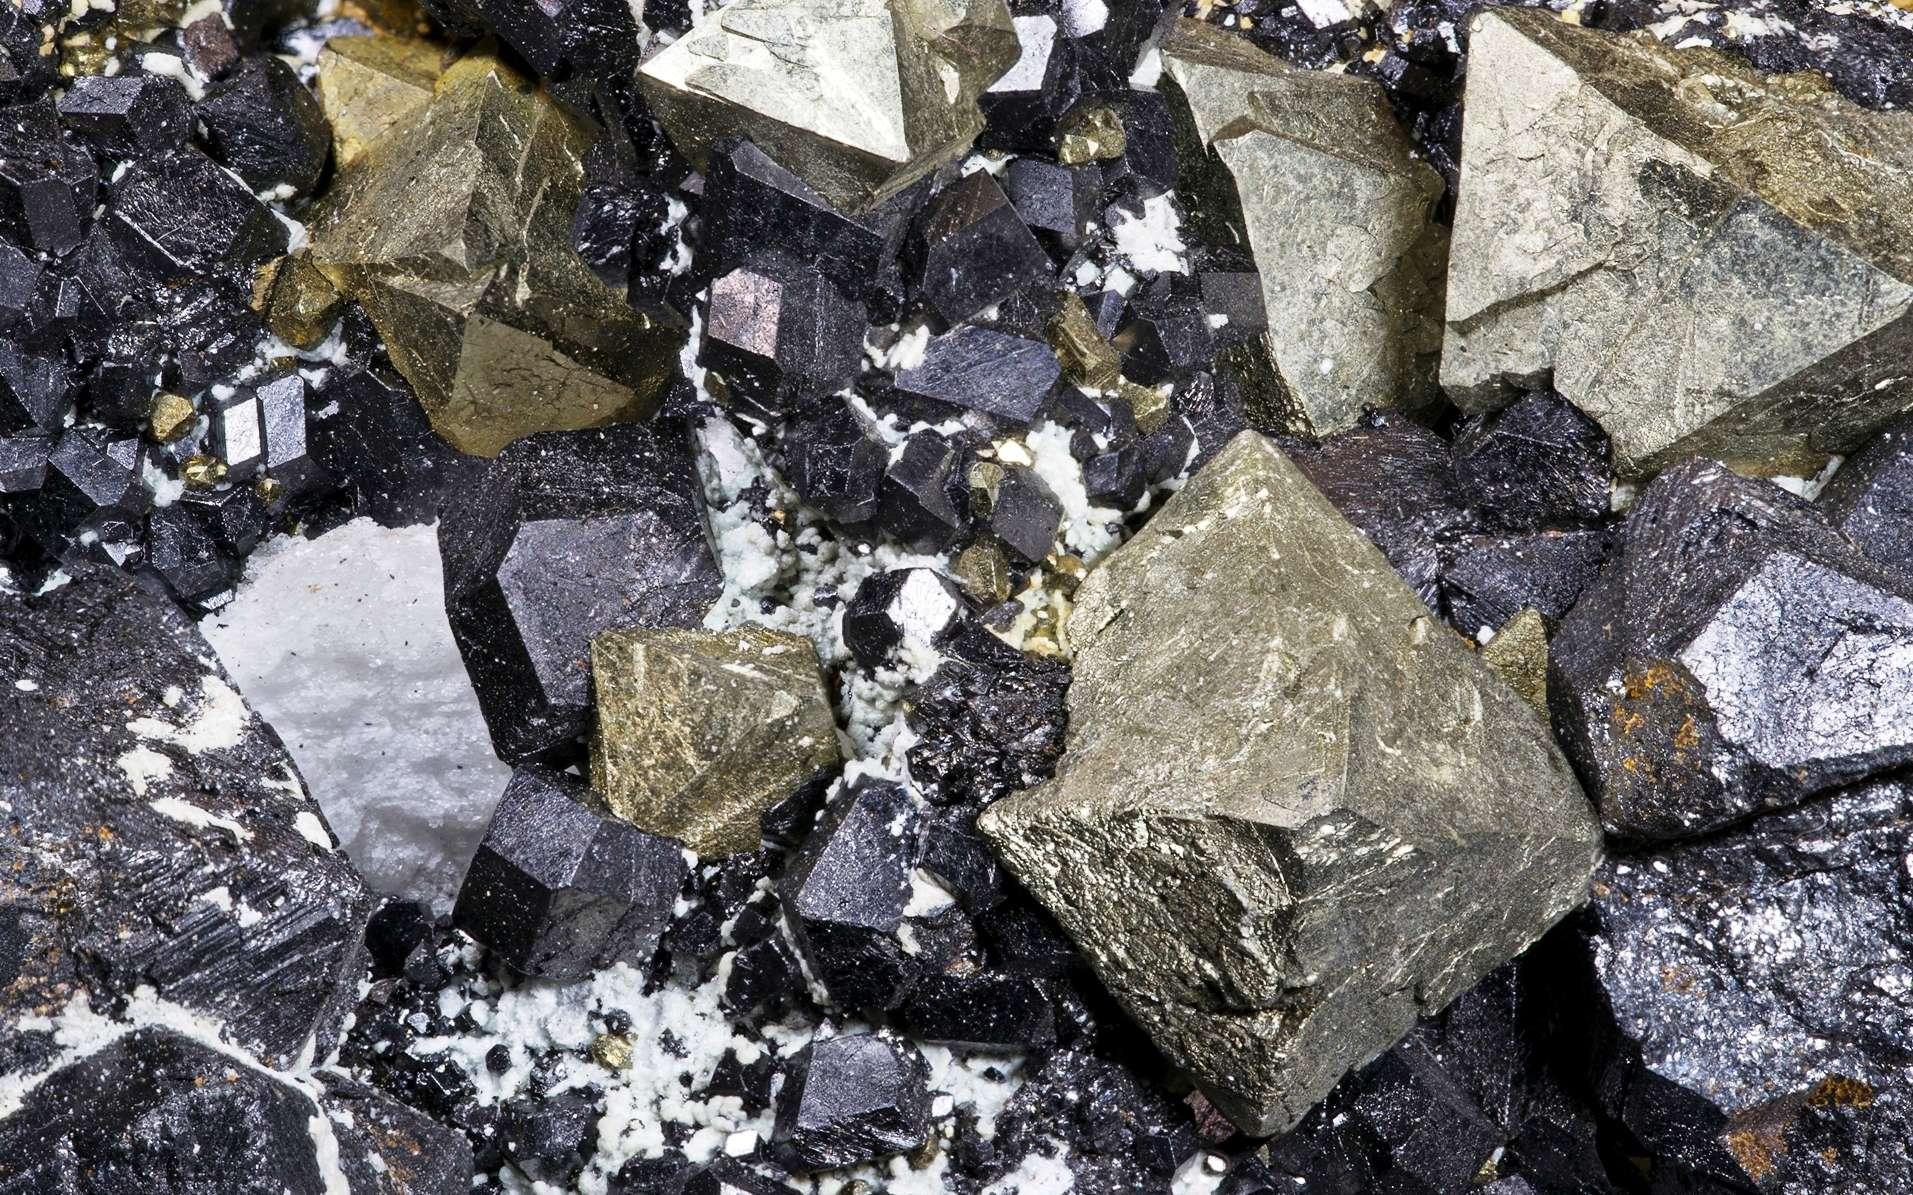 Groupe de cristaux de magnétite en rhombododécaèdre avec cristaux de pyrite octaédriques (jaunes). La magnétite est un exemple de matériau ferromagnétique. © Archaeodontosaurus, Wikipédia, cc by sa 3.0